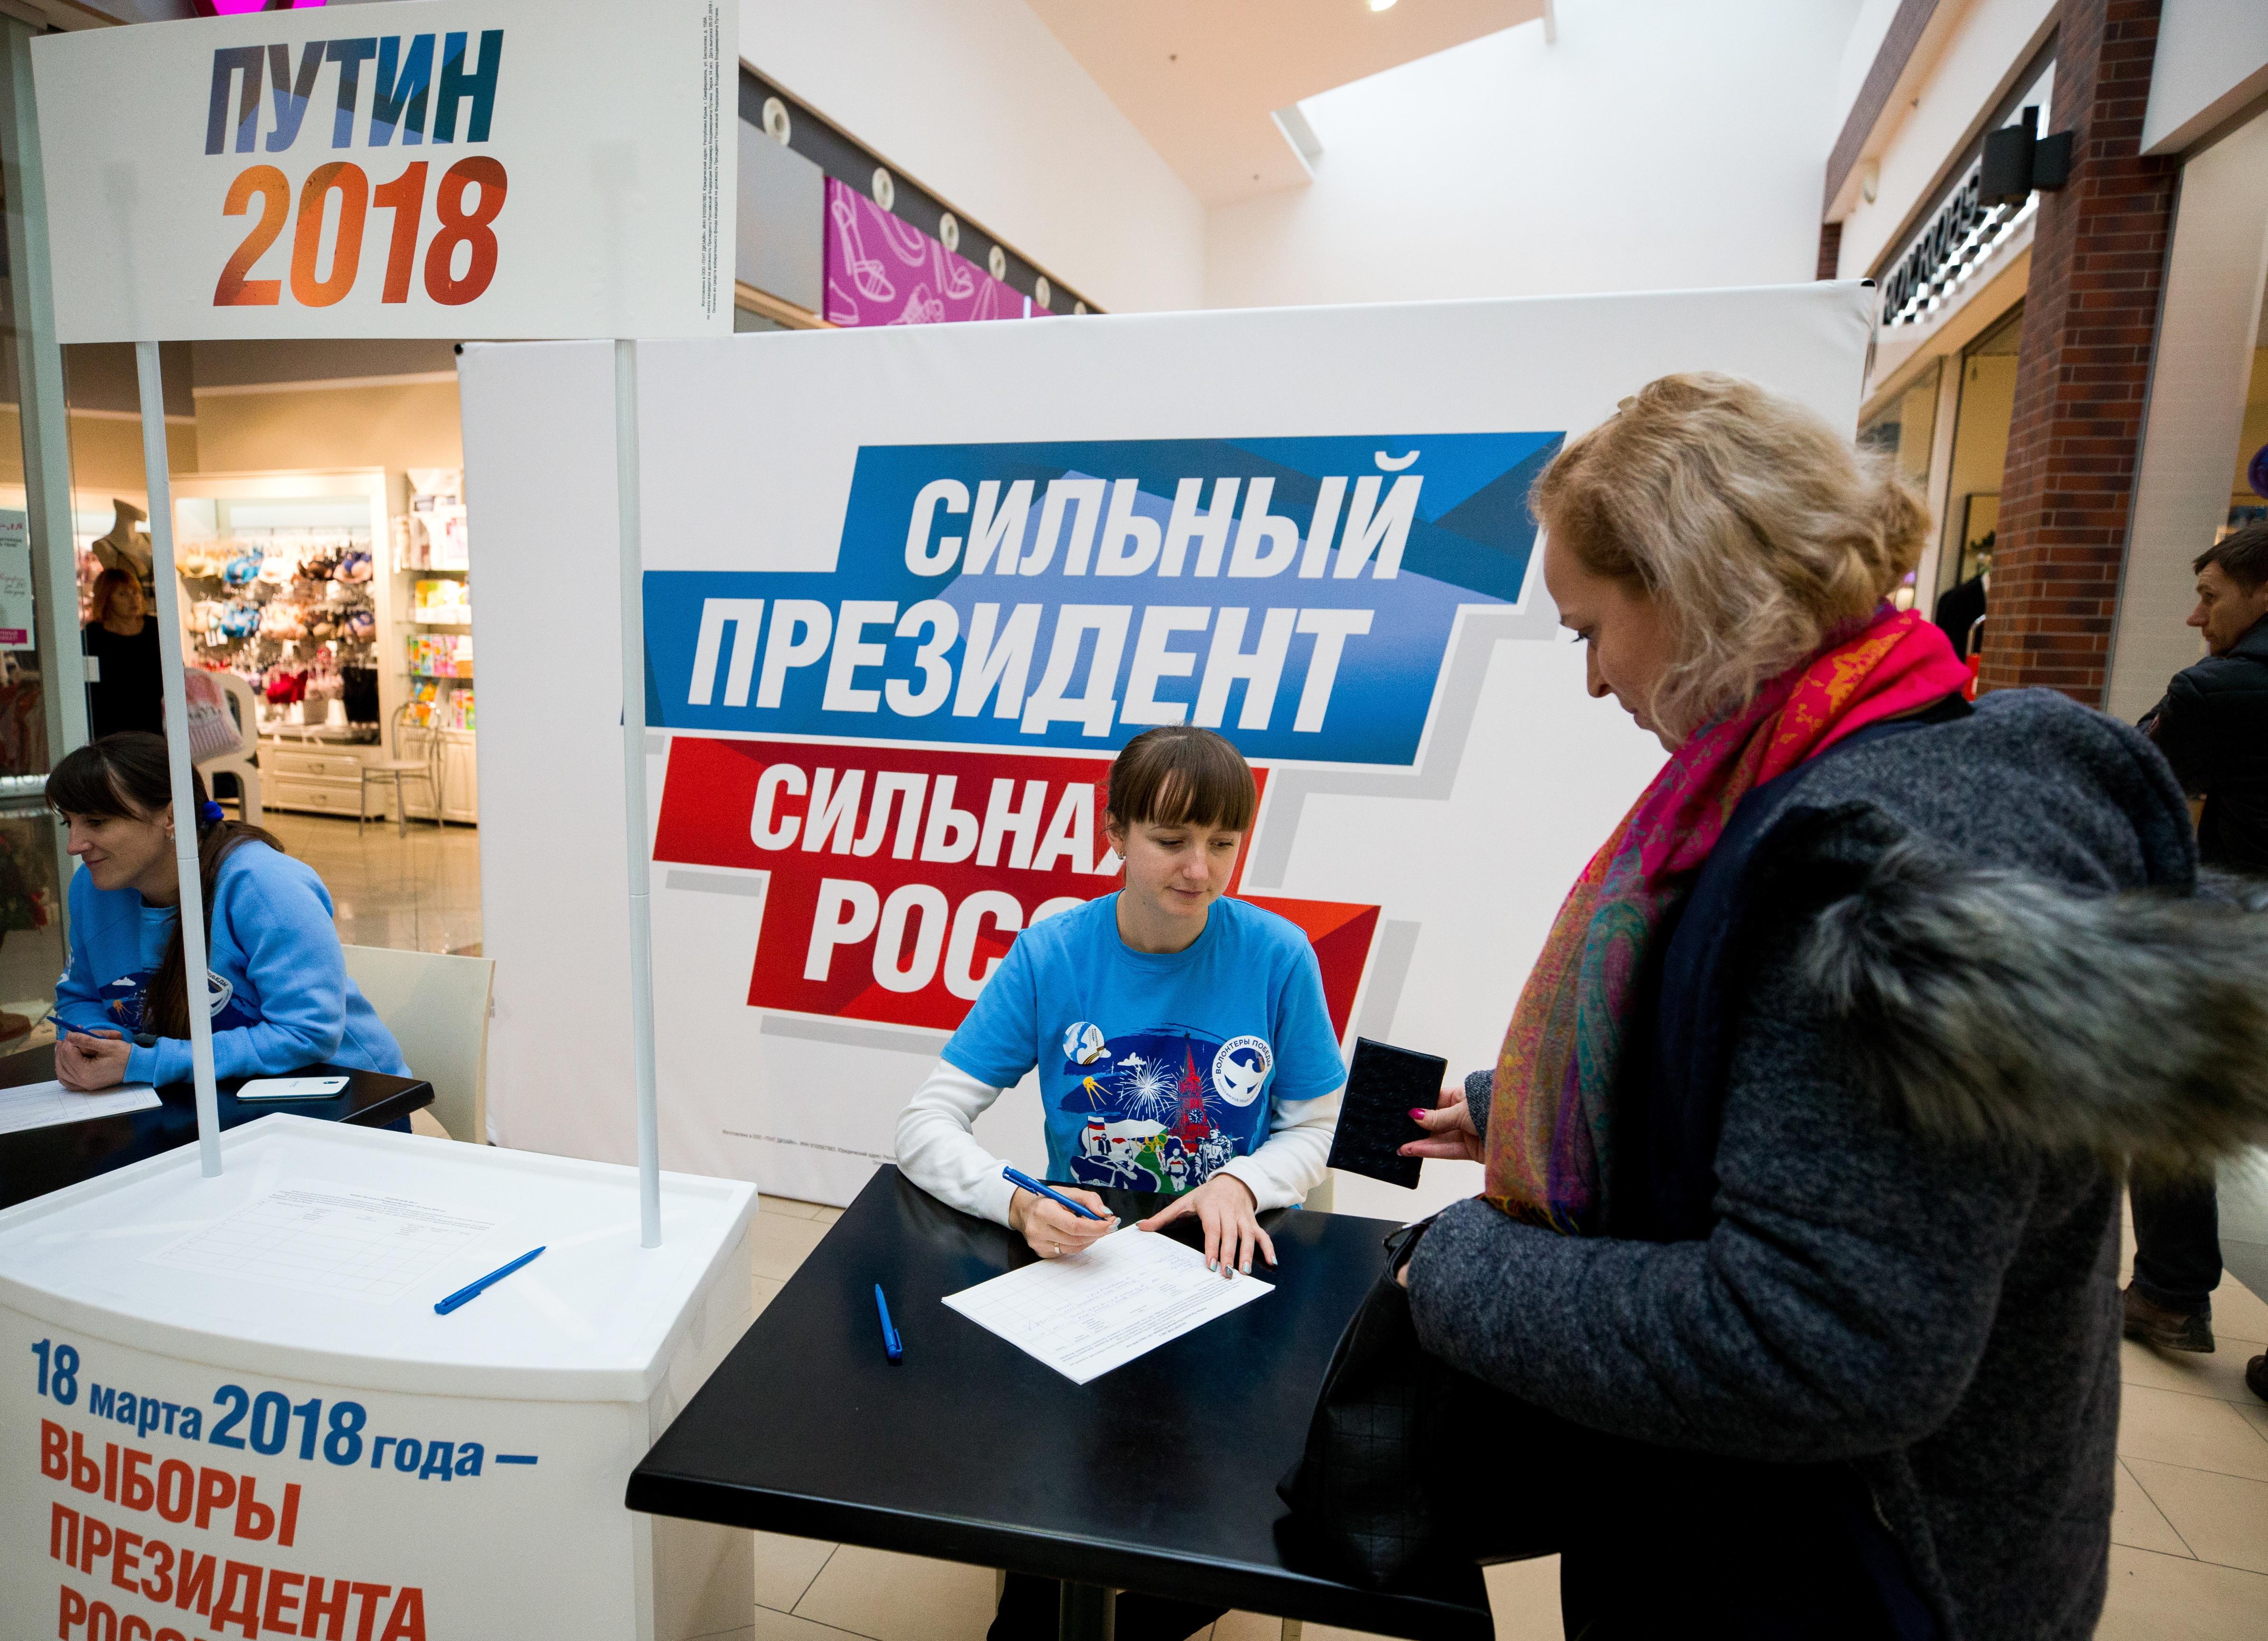 ВПетербурге начался сбор подписей вподдержку В. Путина навыборах президента